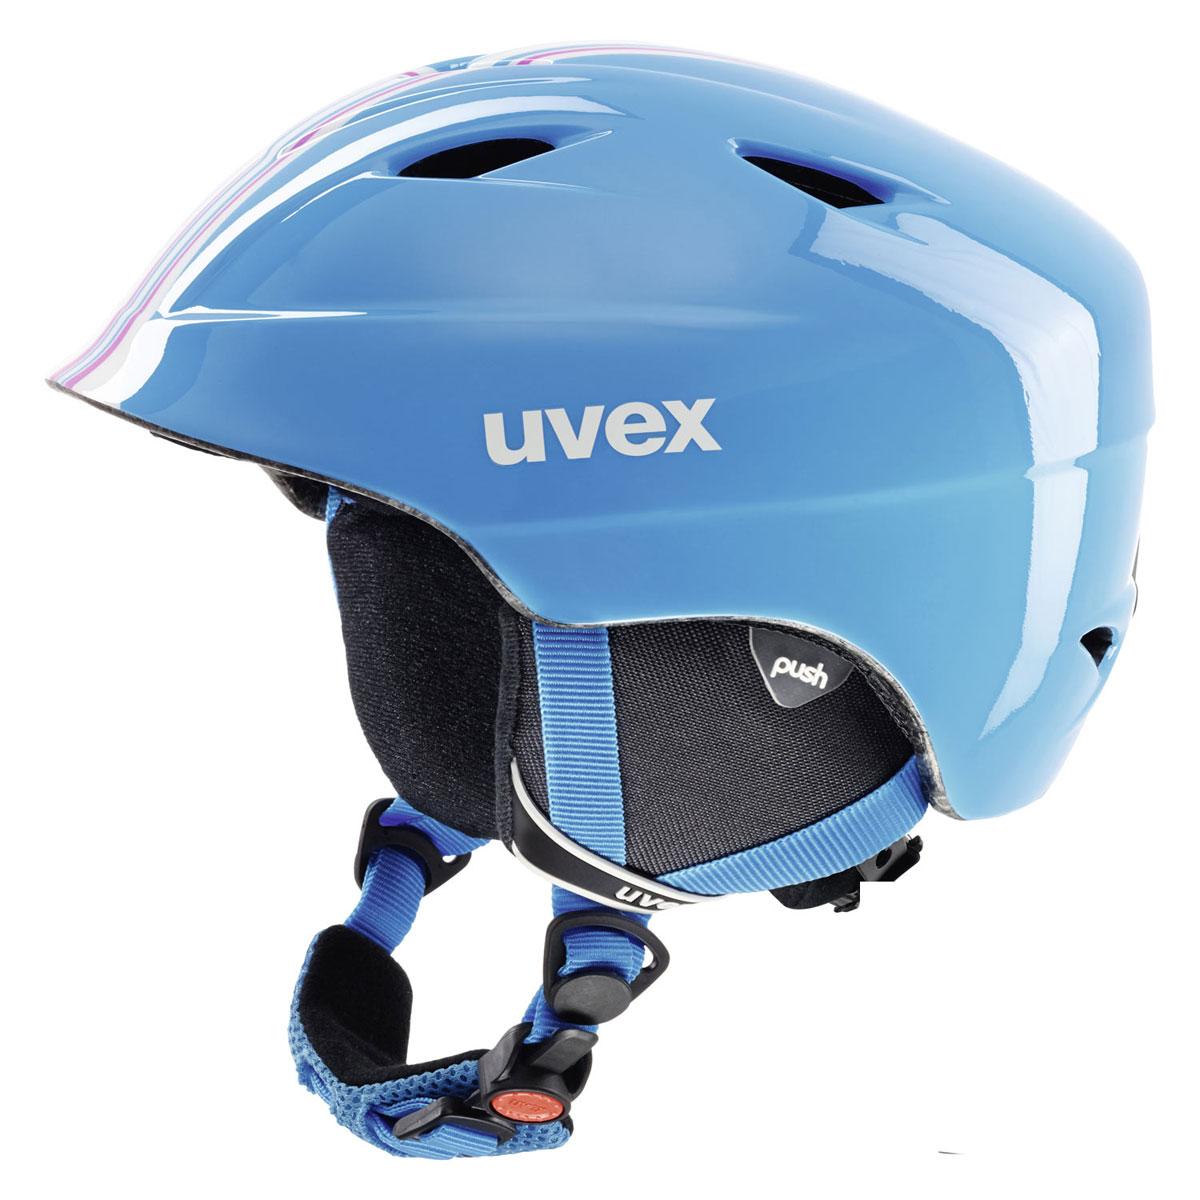 Шлем зимний Uvex Airwing 2, детский, цвет: голубой. Размер S uvex маски горнолыжные